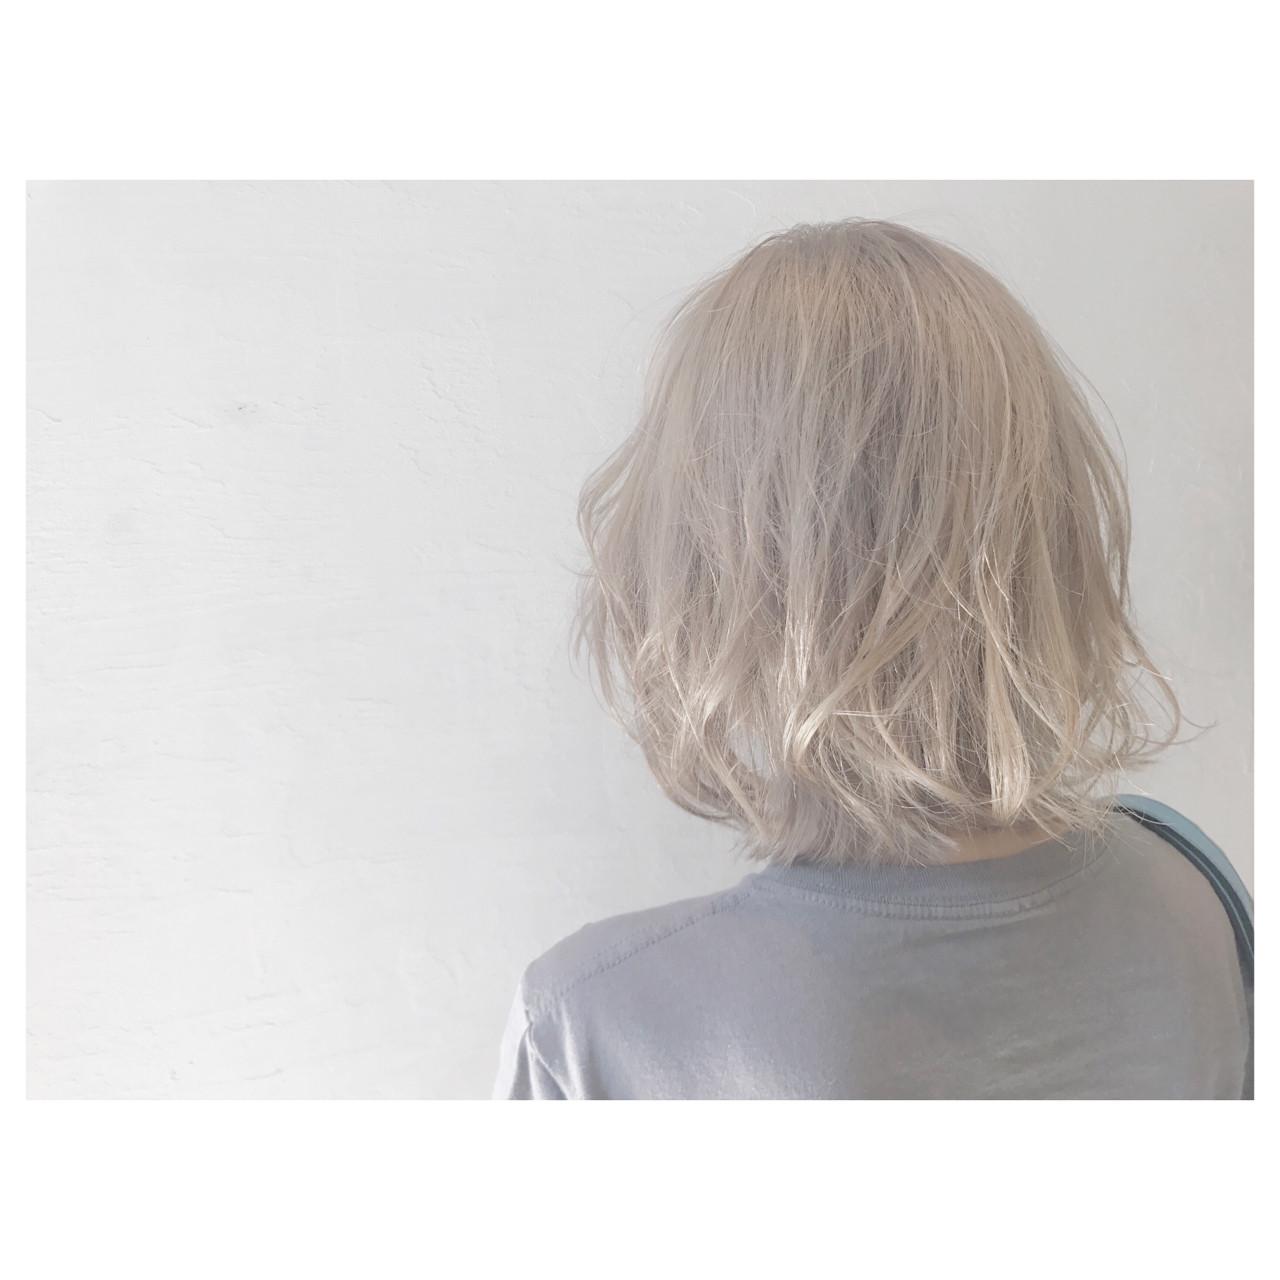 ボブ 女子会 ウェーブ アウトドア ヘアスタイルや髪型の写真・画像